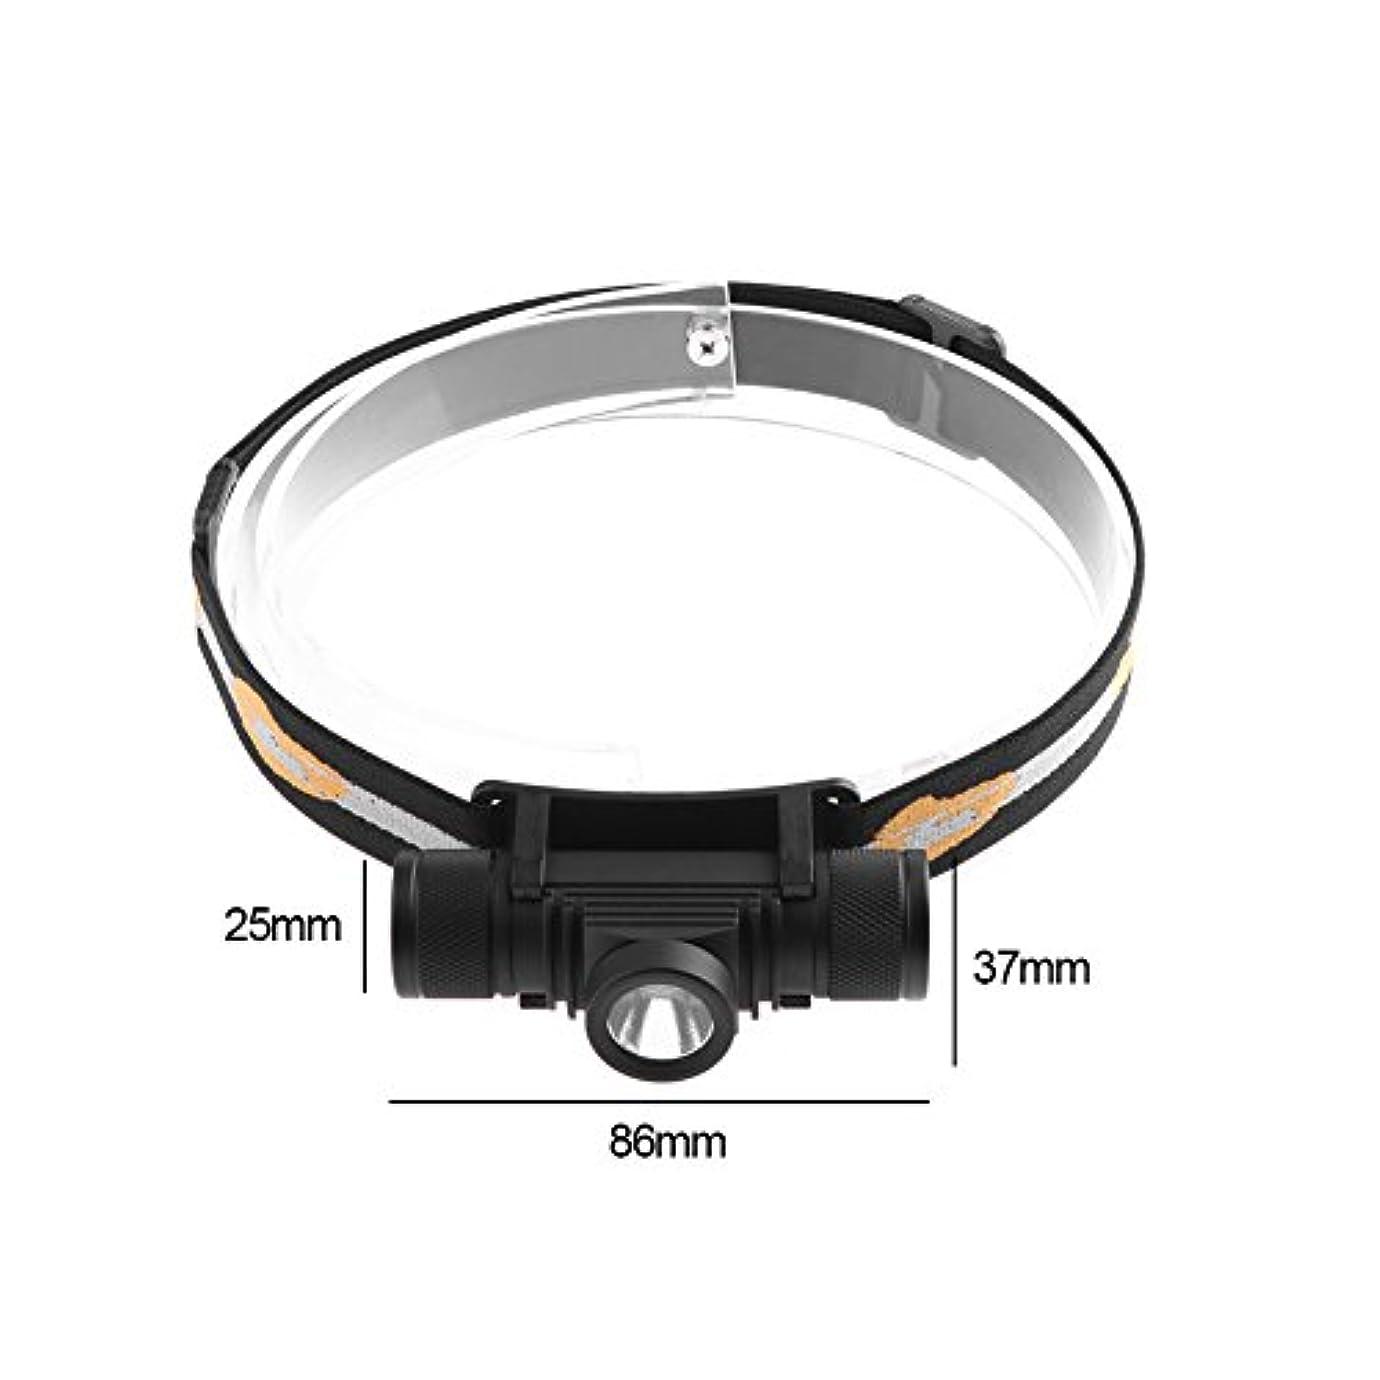 吸収芽混合SIKIWIND 2018新しい ヘッドライト LEDヘッドライト  サイクリング自転車ヘッドライト  懐中電灯 LED懐中電灯 USB充電式 防水釣りライディングヘッドライト